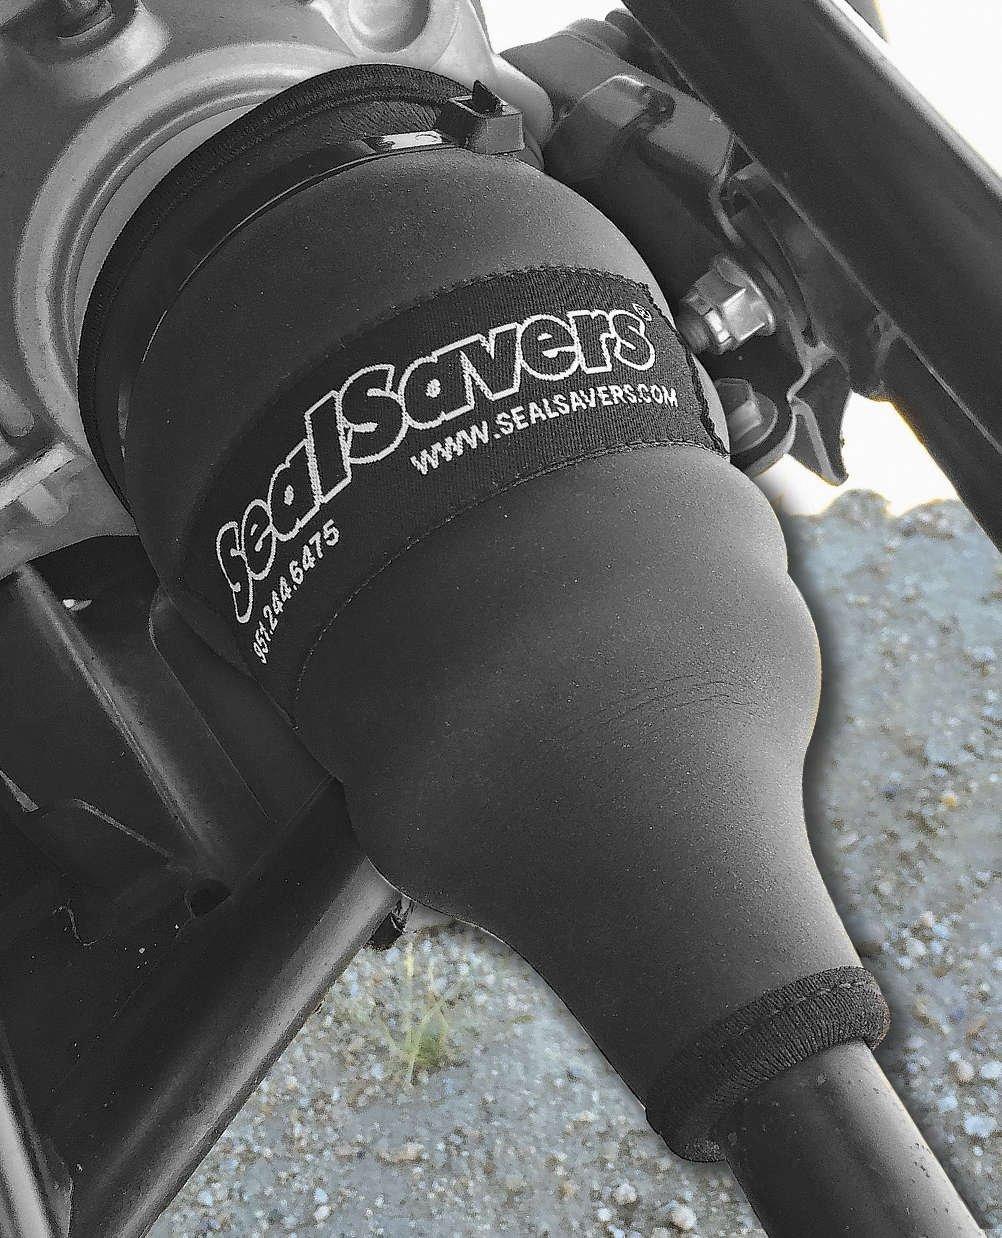 Seal Savers SSCVSXS CV Saver